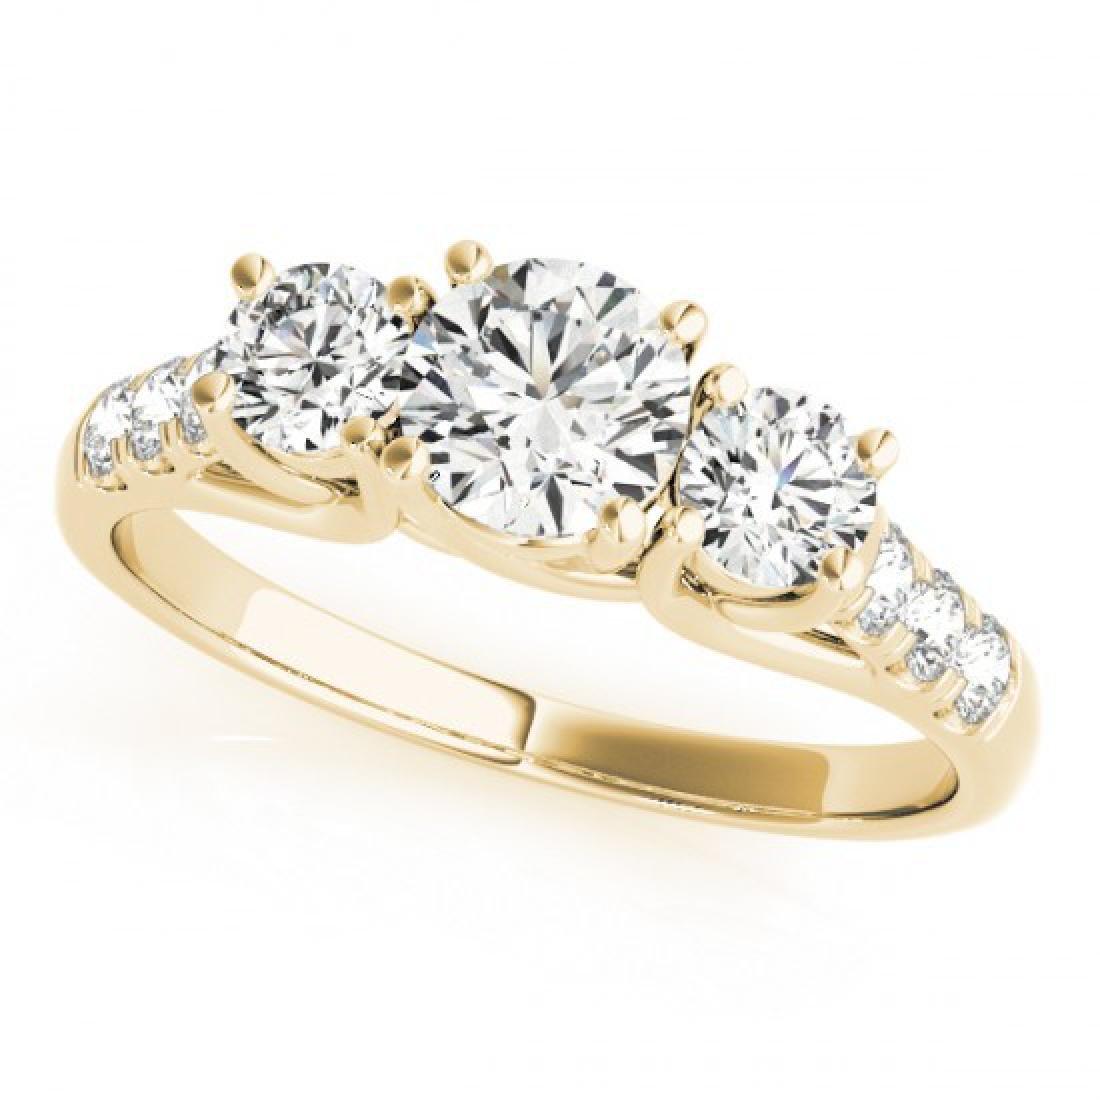 1.33 CTW Certified VS/SI Diamond 3 Stone Ring 14K - 2